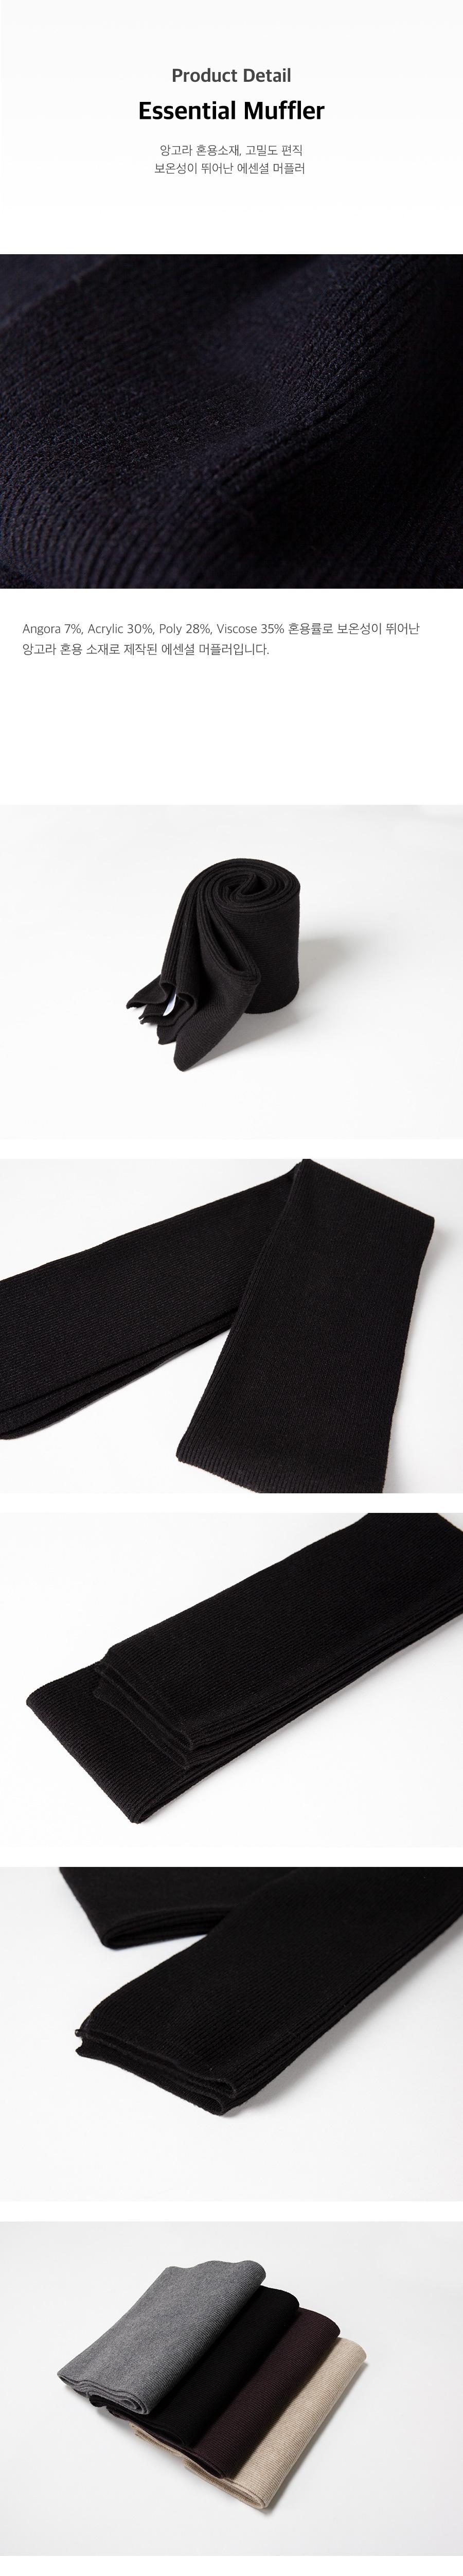 피스워커(PIECE WORKER) Essential Muffler - Black